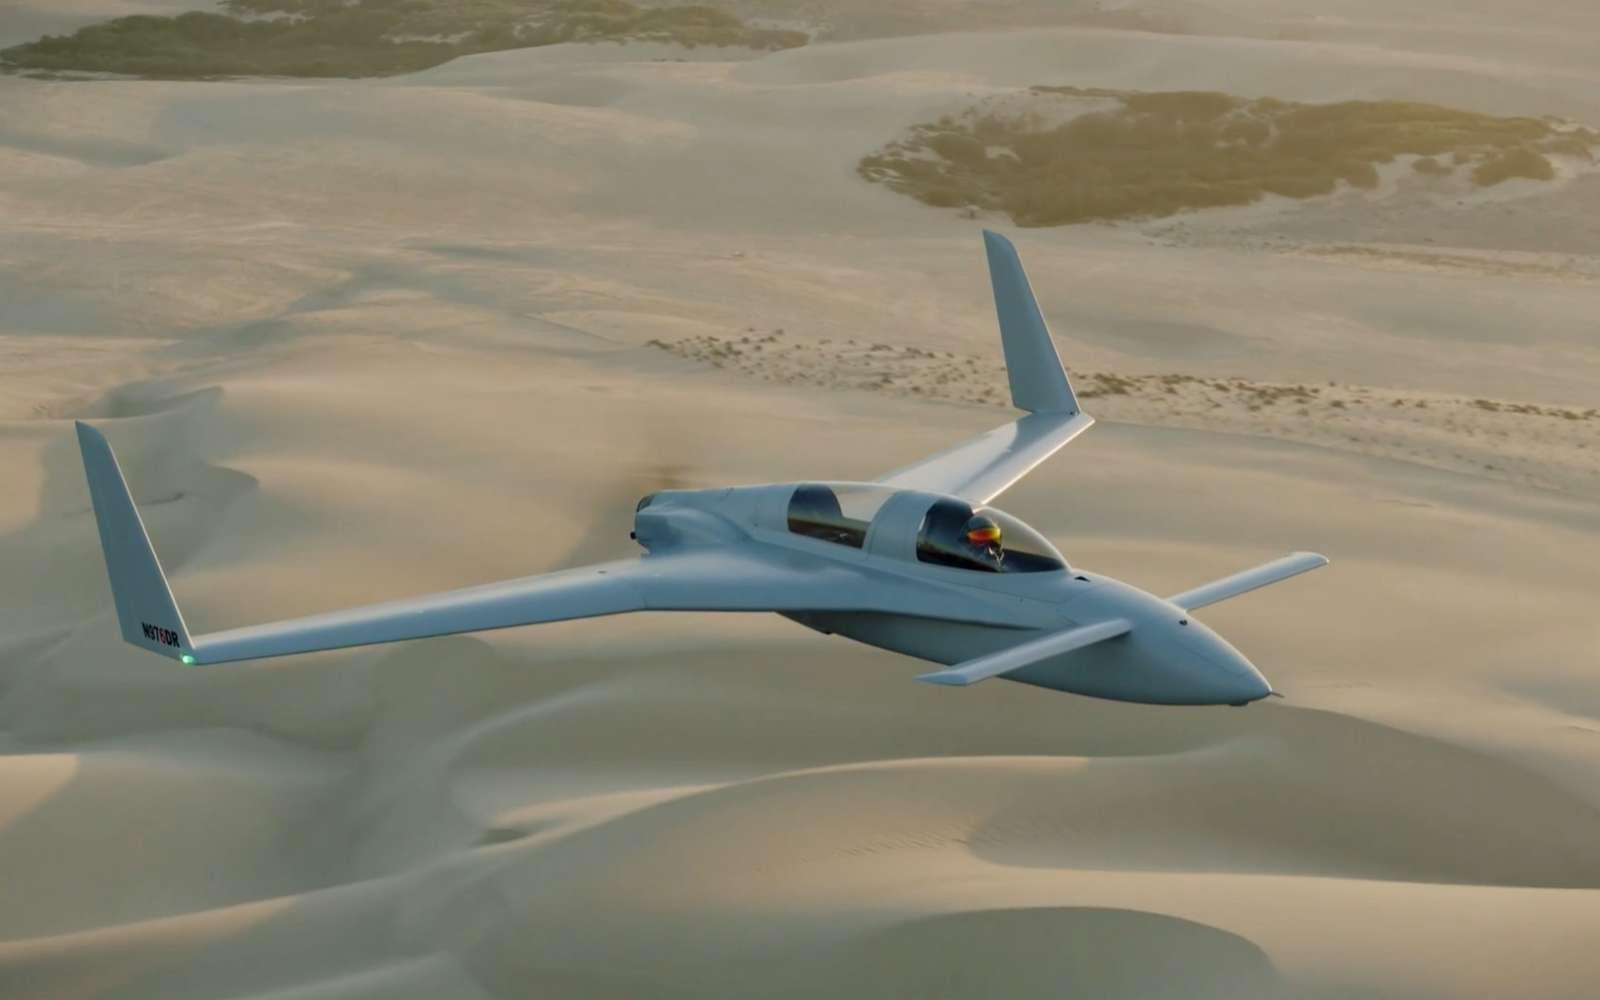 Impressionnant, le système de réalité augmentée embarqué dans un véritable avion permet de simuler un véritable combat aérien en conditions réelles. © Red 6